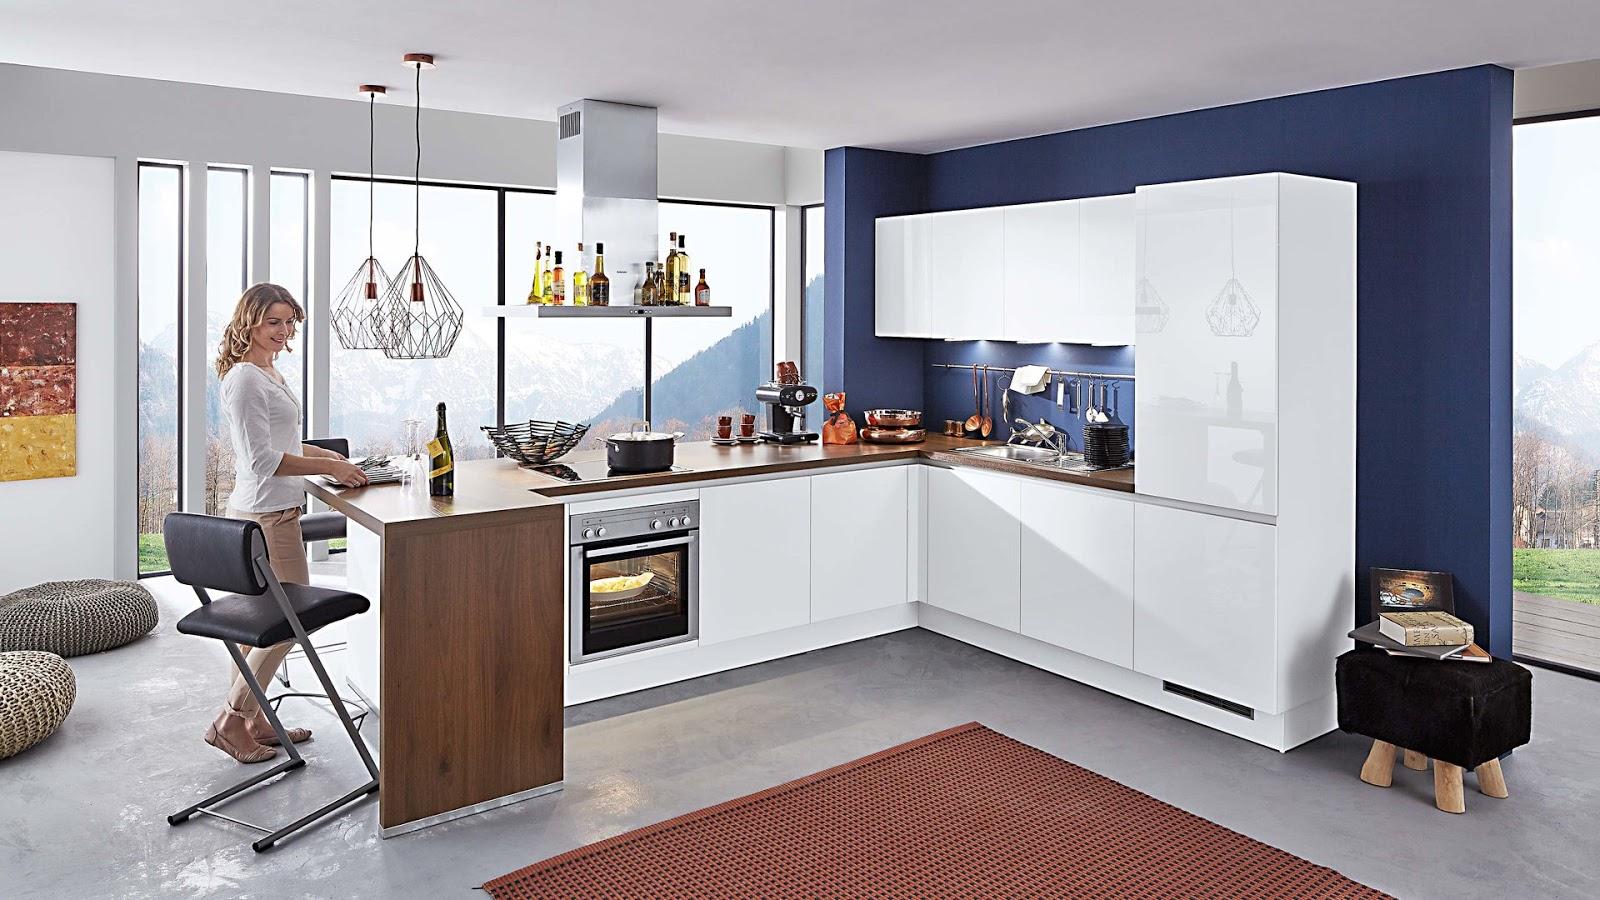 küchen aktuell lübeck verkaufsoffener sonntag - Home Creation